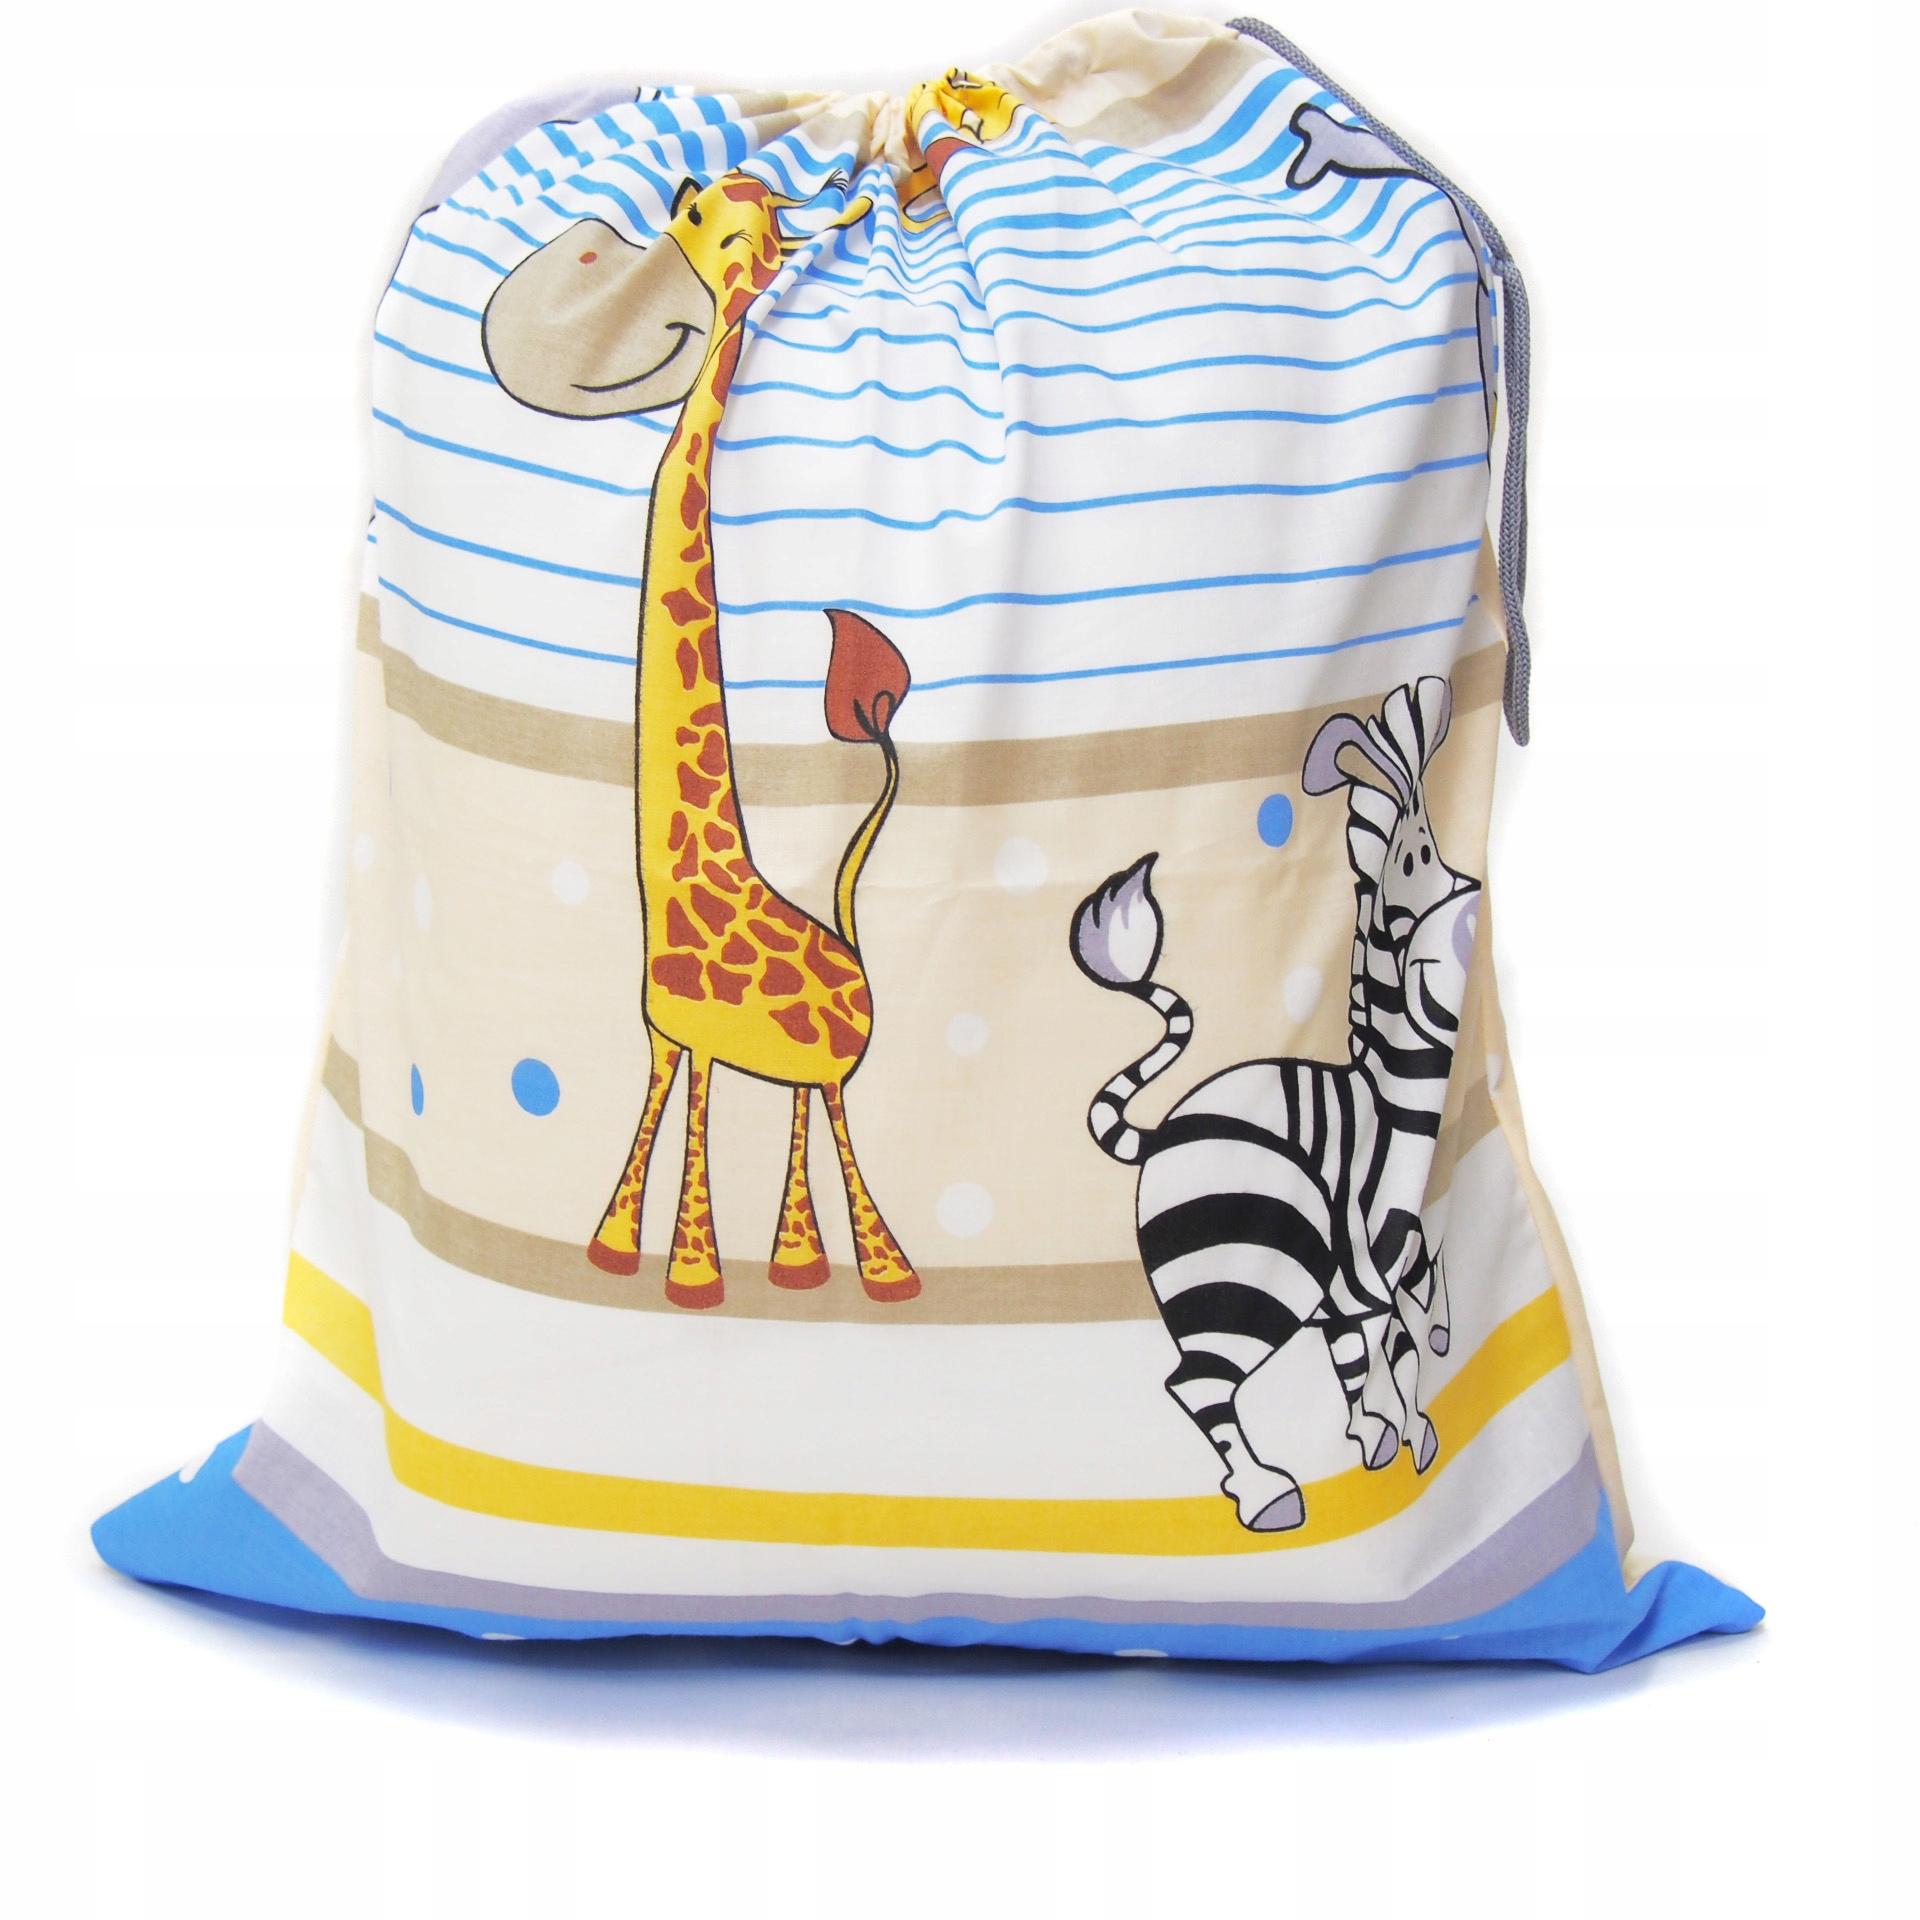 Kerstin Sack pre posteľnú bielizeň pre bavlnu materskú školu